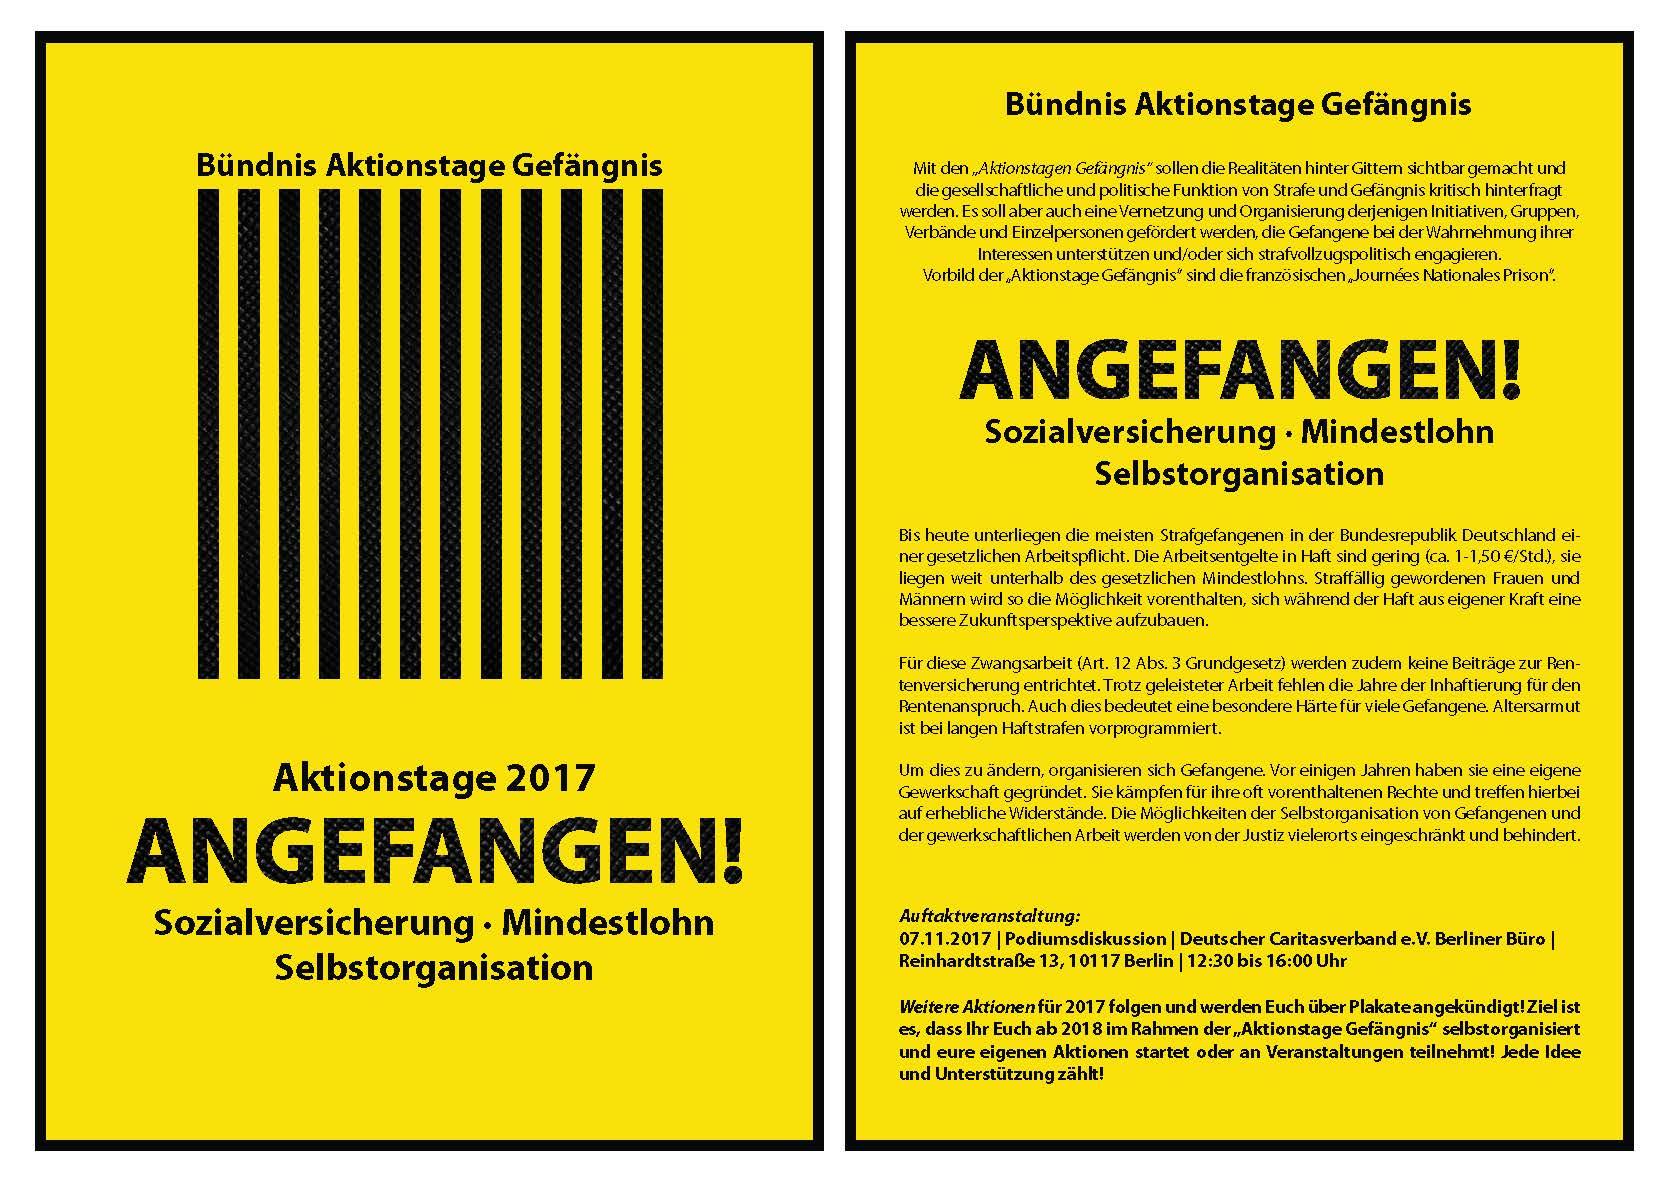 Aktionstage Gefängnis - Zwangsarbeit in Deutschland verbieten